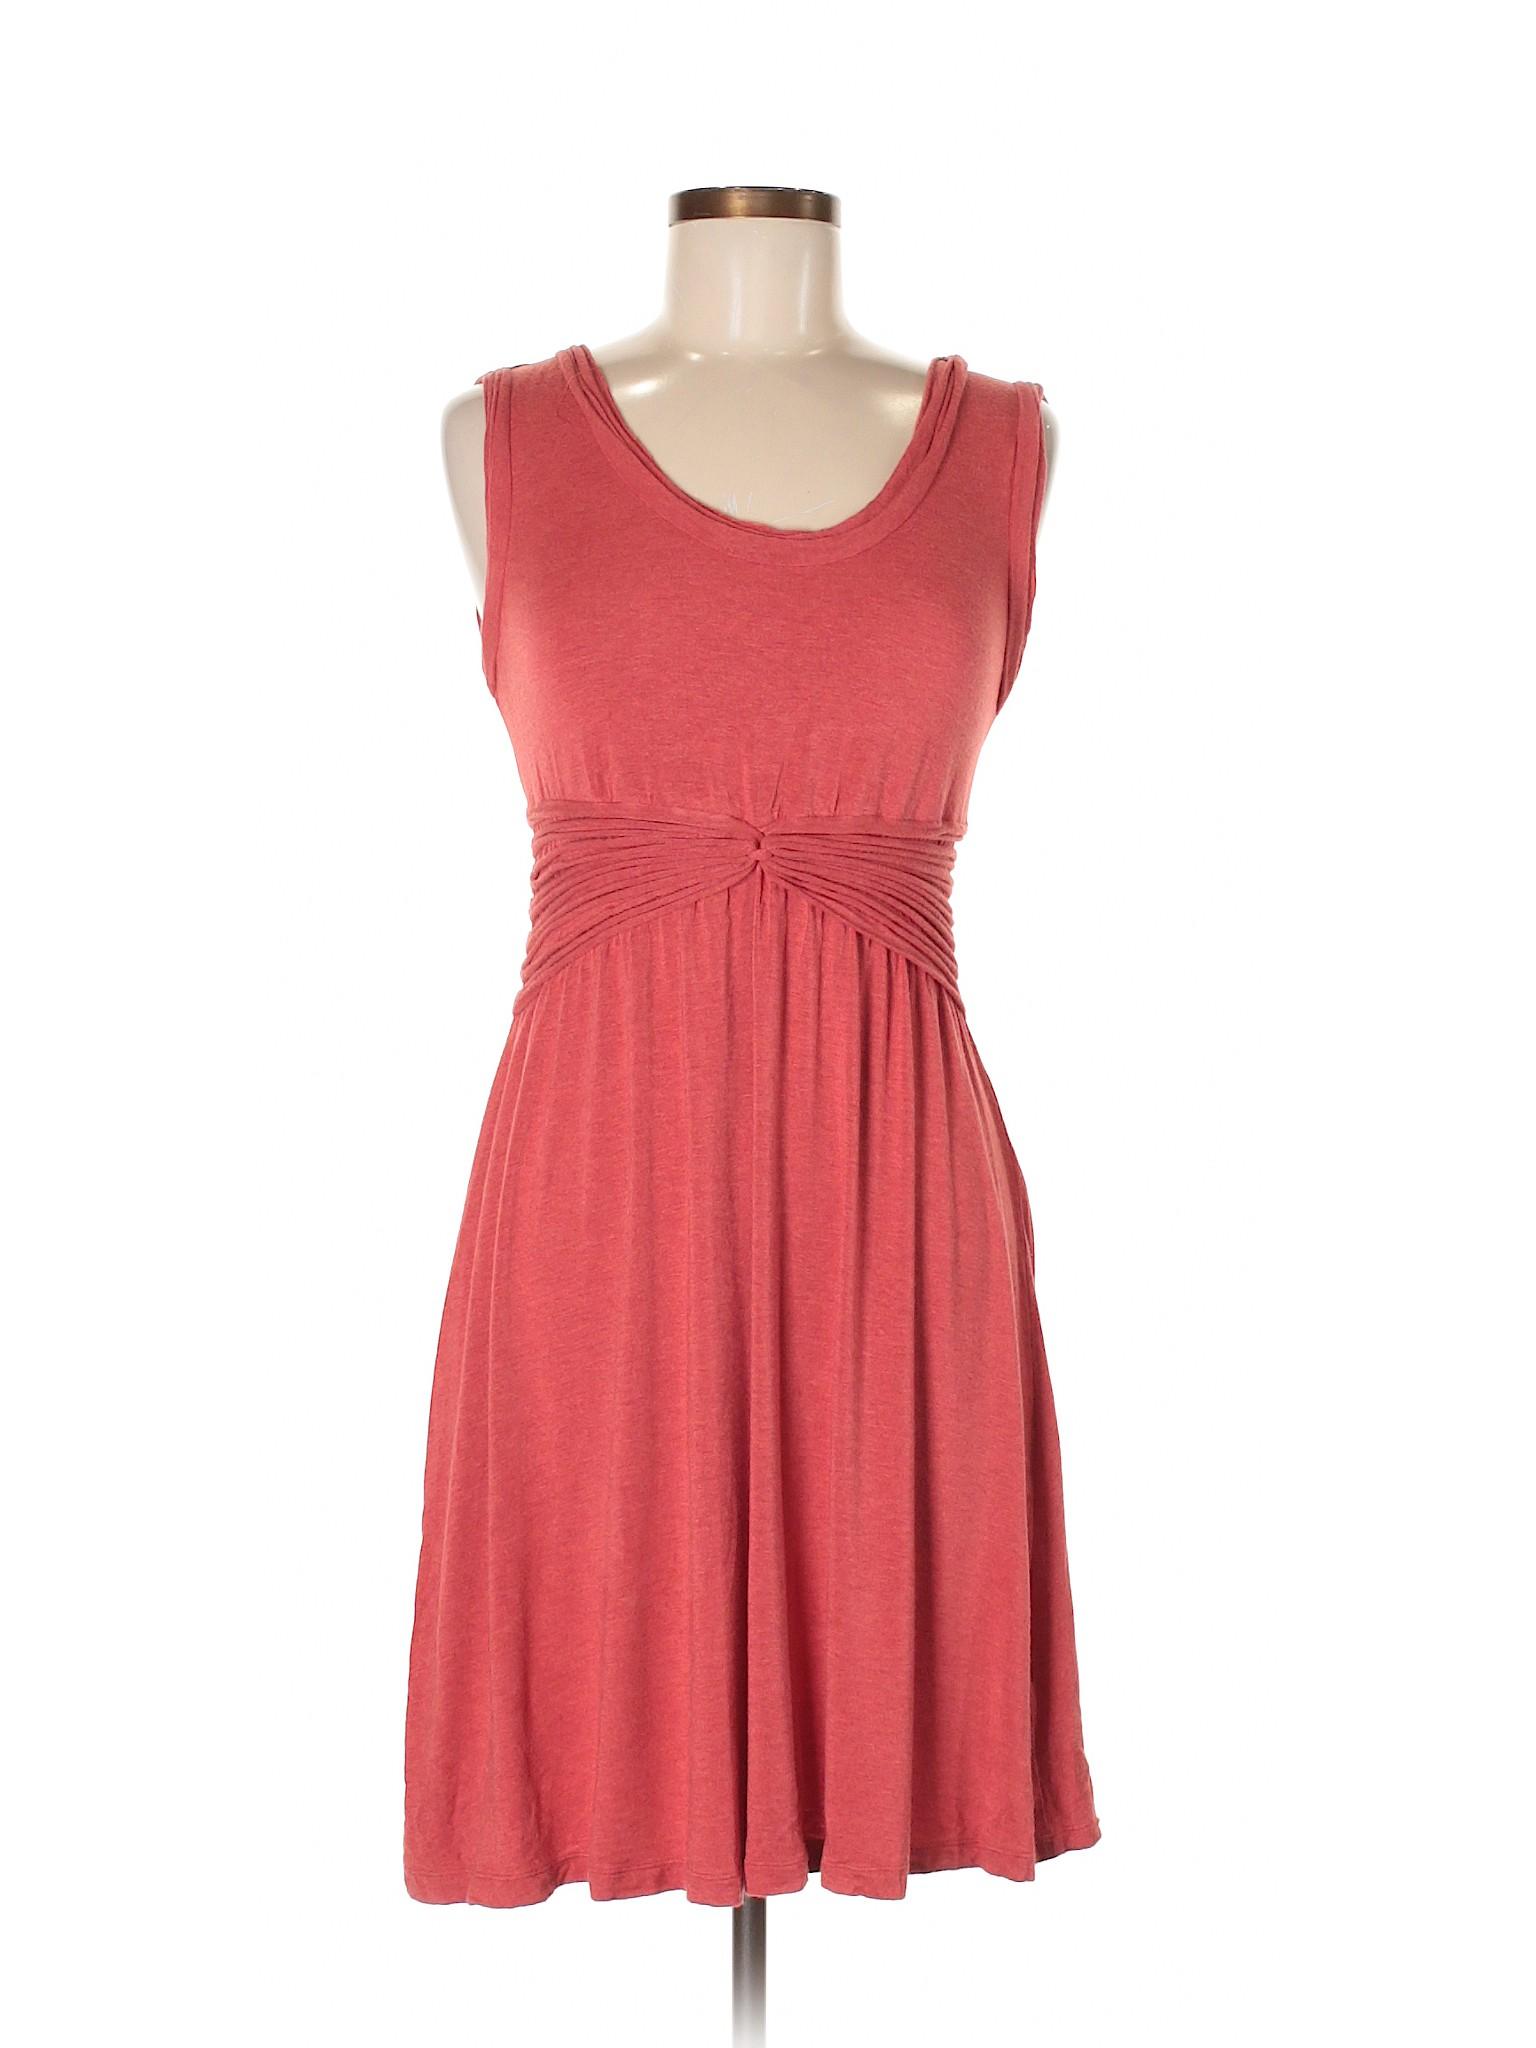 Boutique Casual Max winter Studio Dress zOz6FxqAw